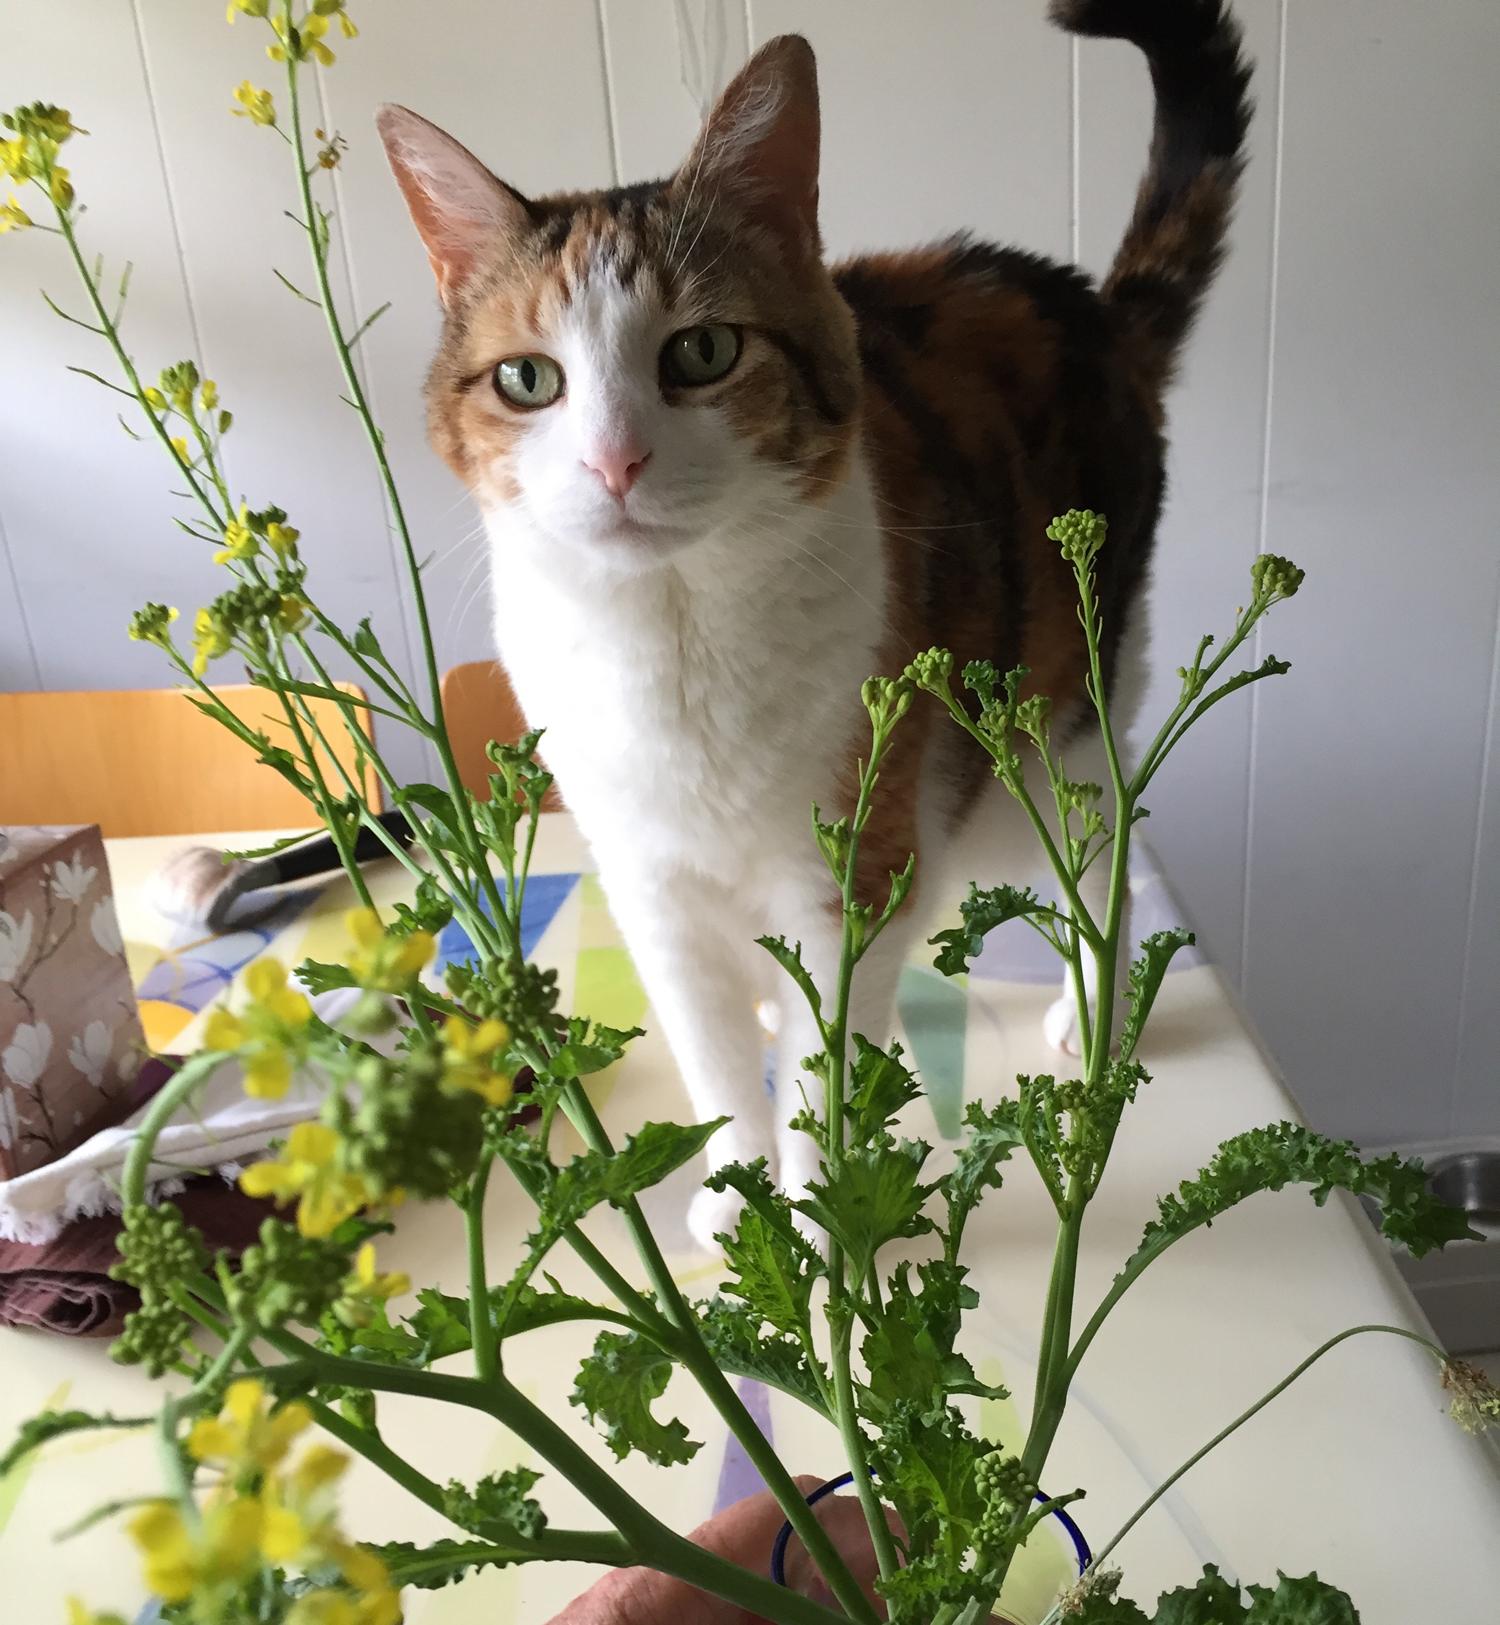 Mustard Greens Blossoms